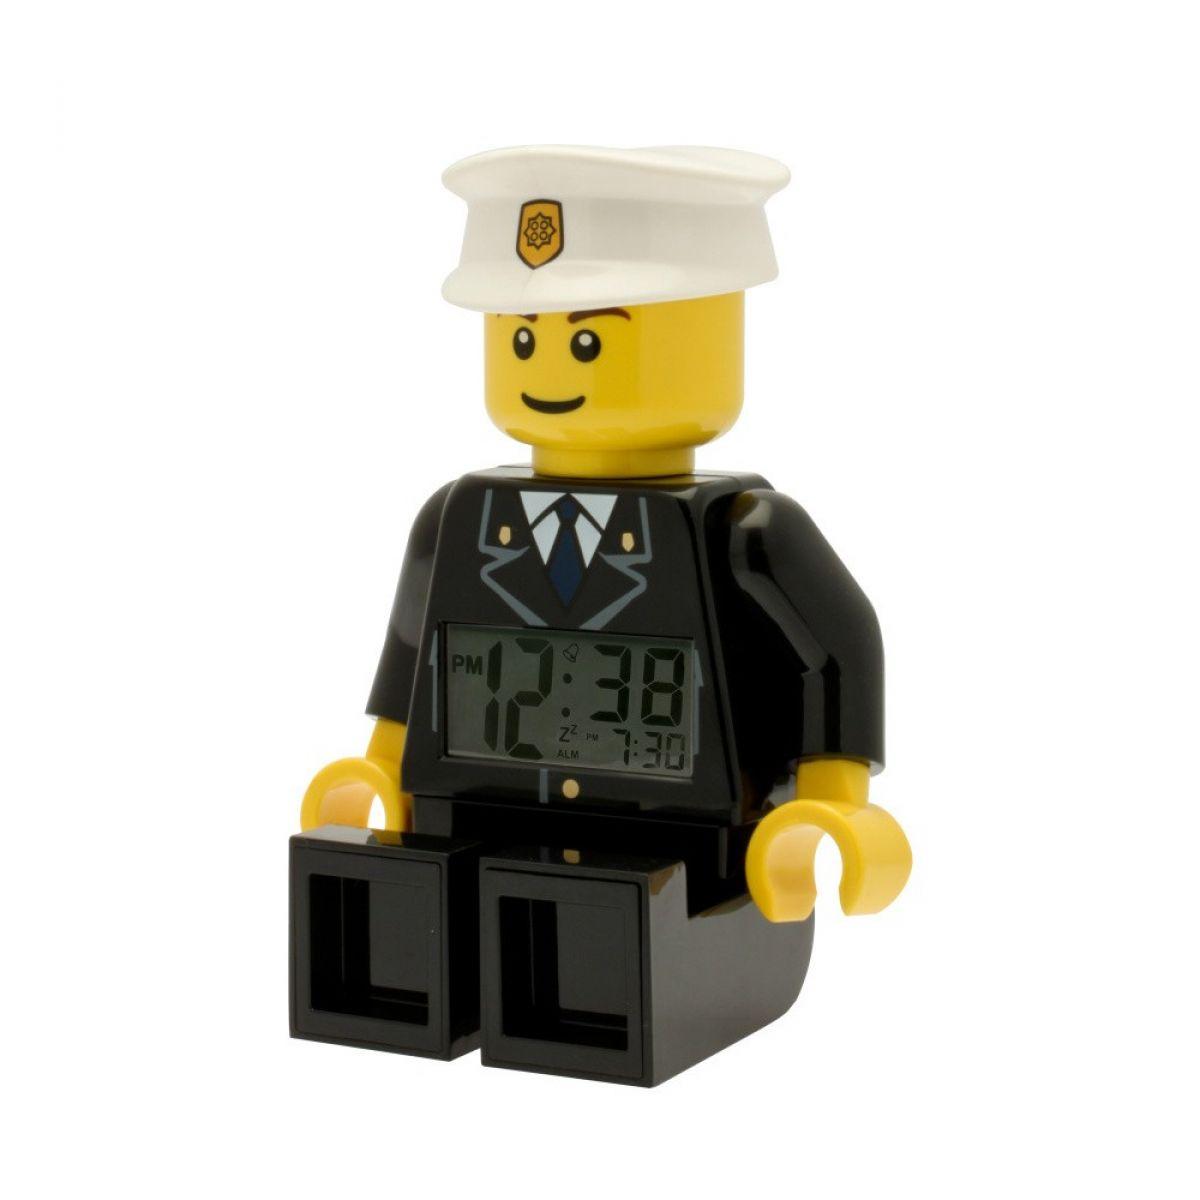 LEGO City Policeman hodiny s budíkem | Maxíkovy hračky